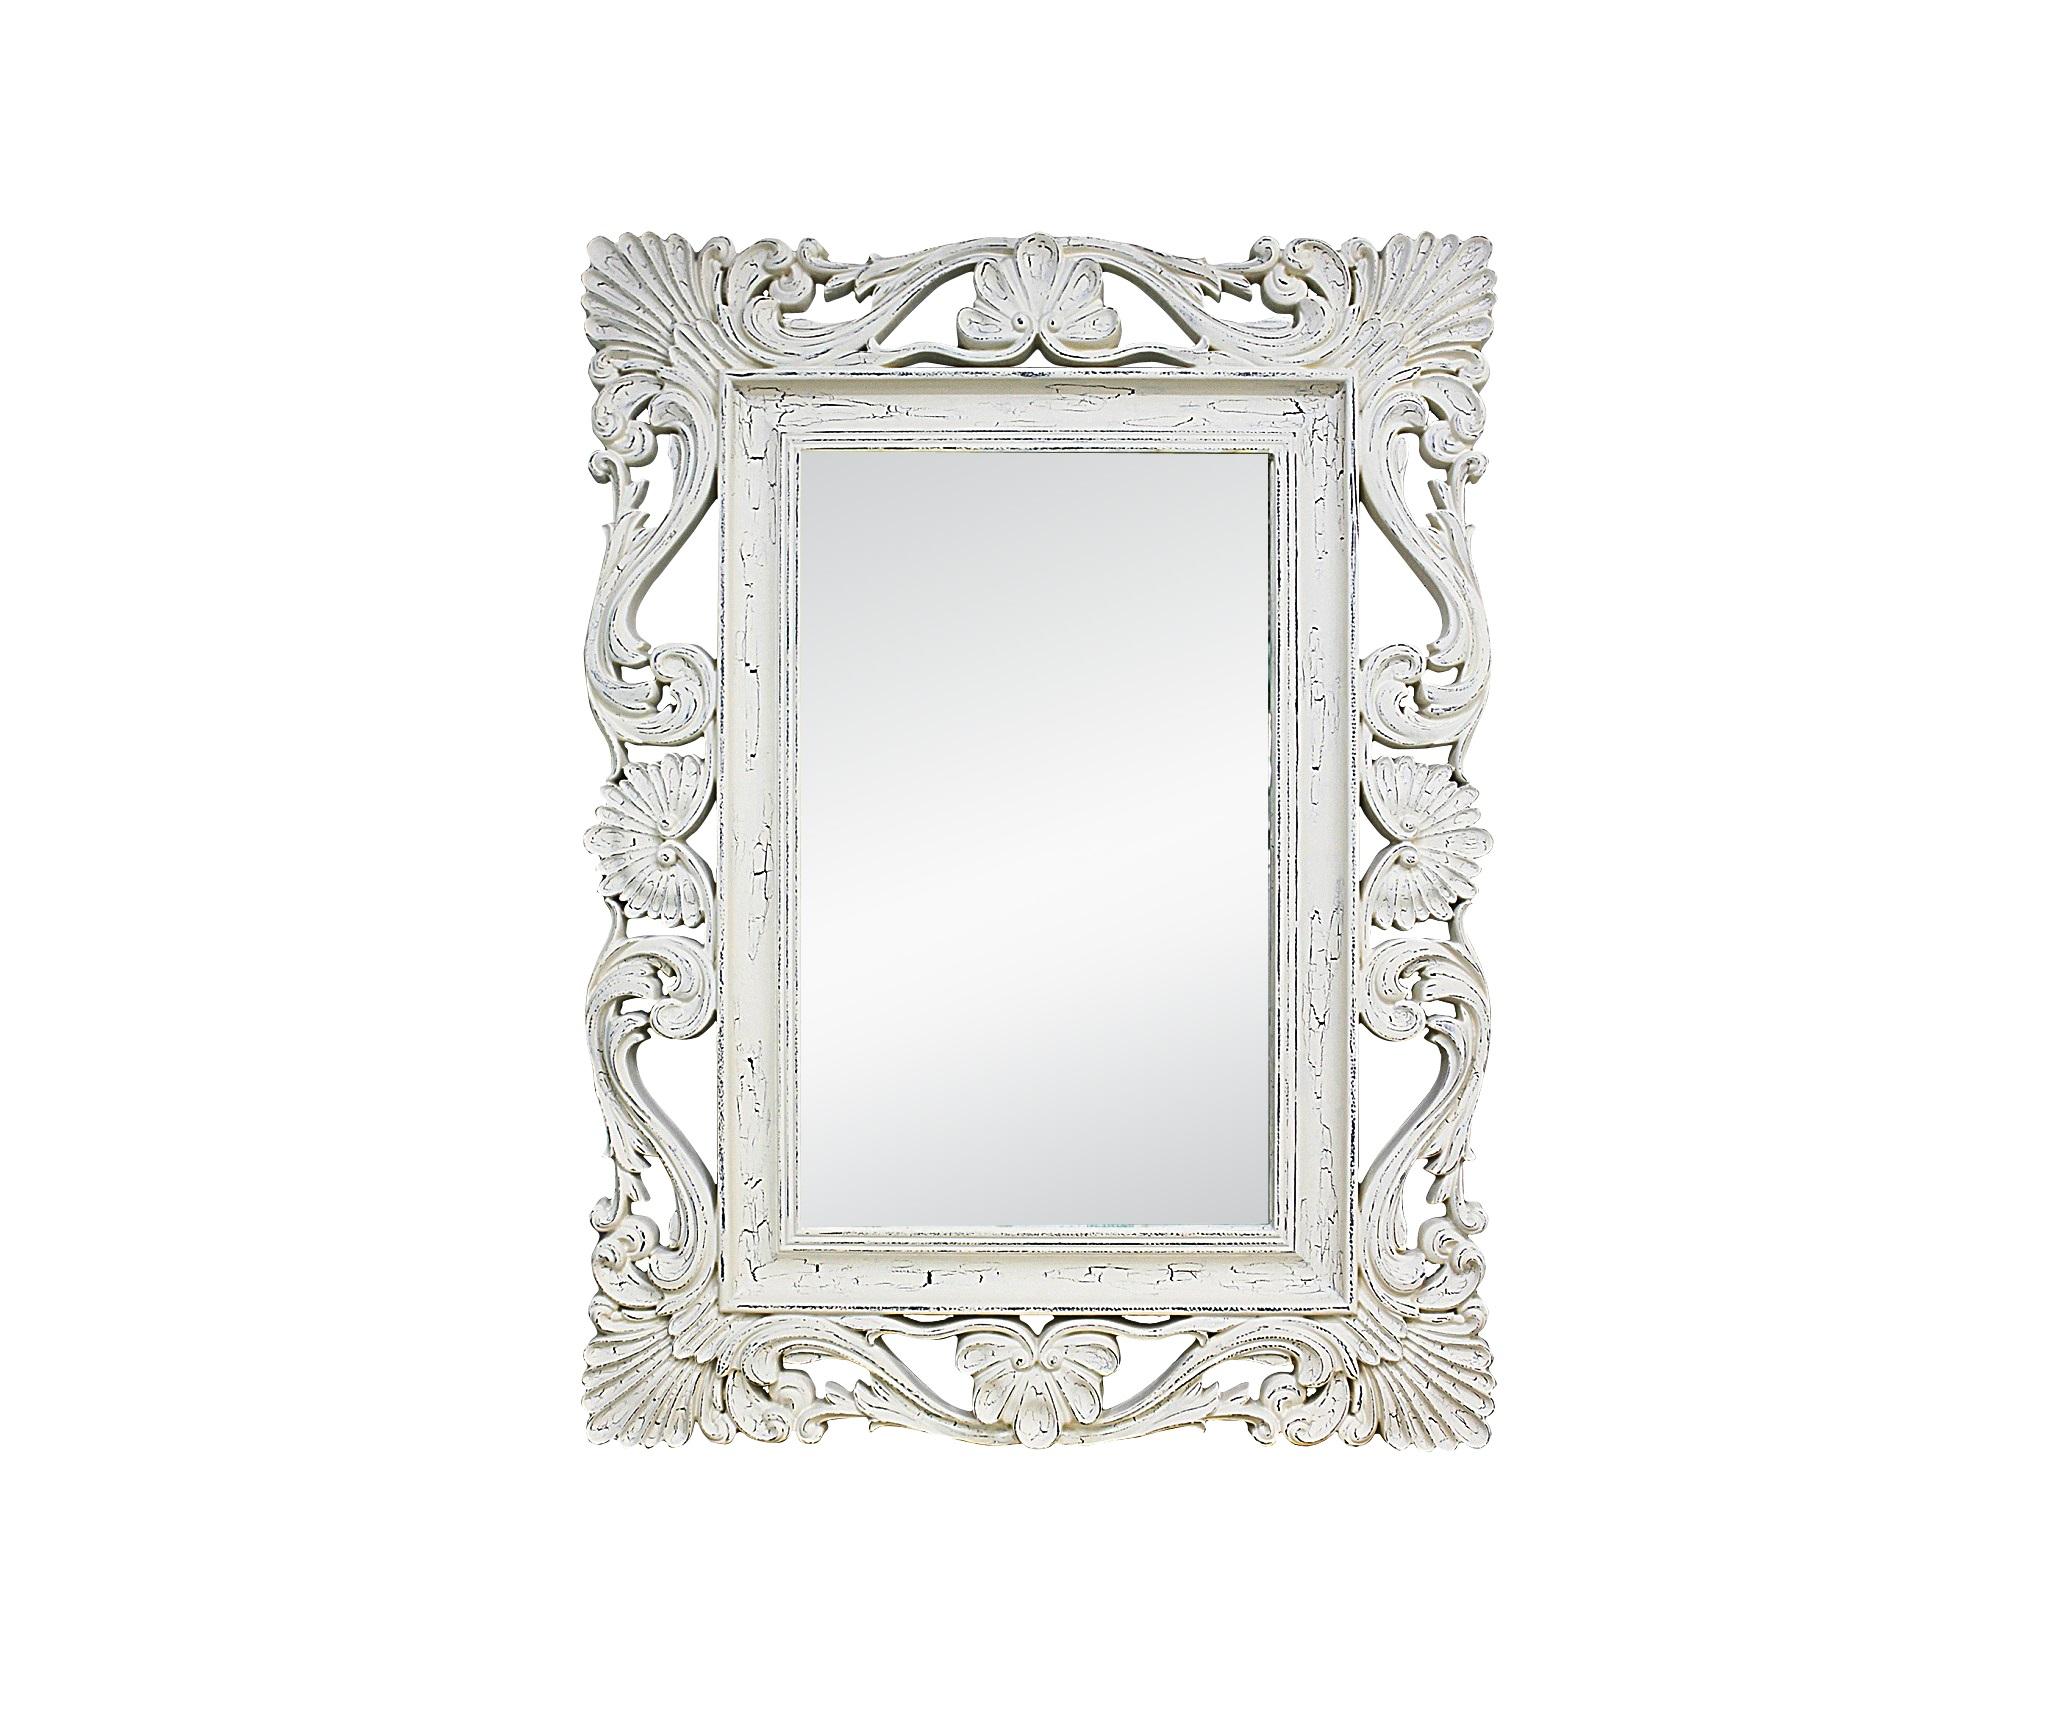 Зеркало АЛЬБЕРИОНастенные зеркала<br>&amp;lt;div&amp;gt;&amp;lt;div&amp;gt;Это зеркало действительно выглядит как раритетная вещица. И хотя рама изготовлена из современного полиуретана, окрашена она так ловко, что от старинного деревянного оклада не отличить. Чистый белый цвет испещрен множеством характерных трещинок. Такой эффект дает лак-кракелюр. Резьба достаточно крупная, сложная. За ее сохранность можно не переживать — композитный материал прочен и долговечен, на его поверхности не появится ни одной лишней трещинки. Кроме уже существующих, кракелюровых, предусмотренных задумкой художника.&amp;lt;/div&amp;gt;&amp;lt;div&amp;gt;&amp;lt;br&amp;gt;&amp;lt;/div&amp;gt;Цвет: Белый Кракелюр&amp;lt;/div&amp;gt;<br><br>Material: Полиуретан<br>Length см: None<br>Width см: 85<br>Depth см: 4<br>Height см: 114